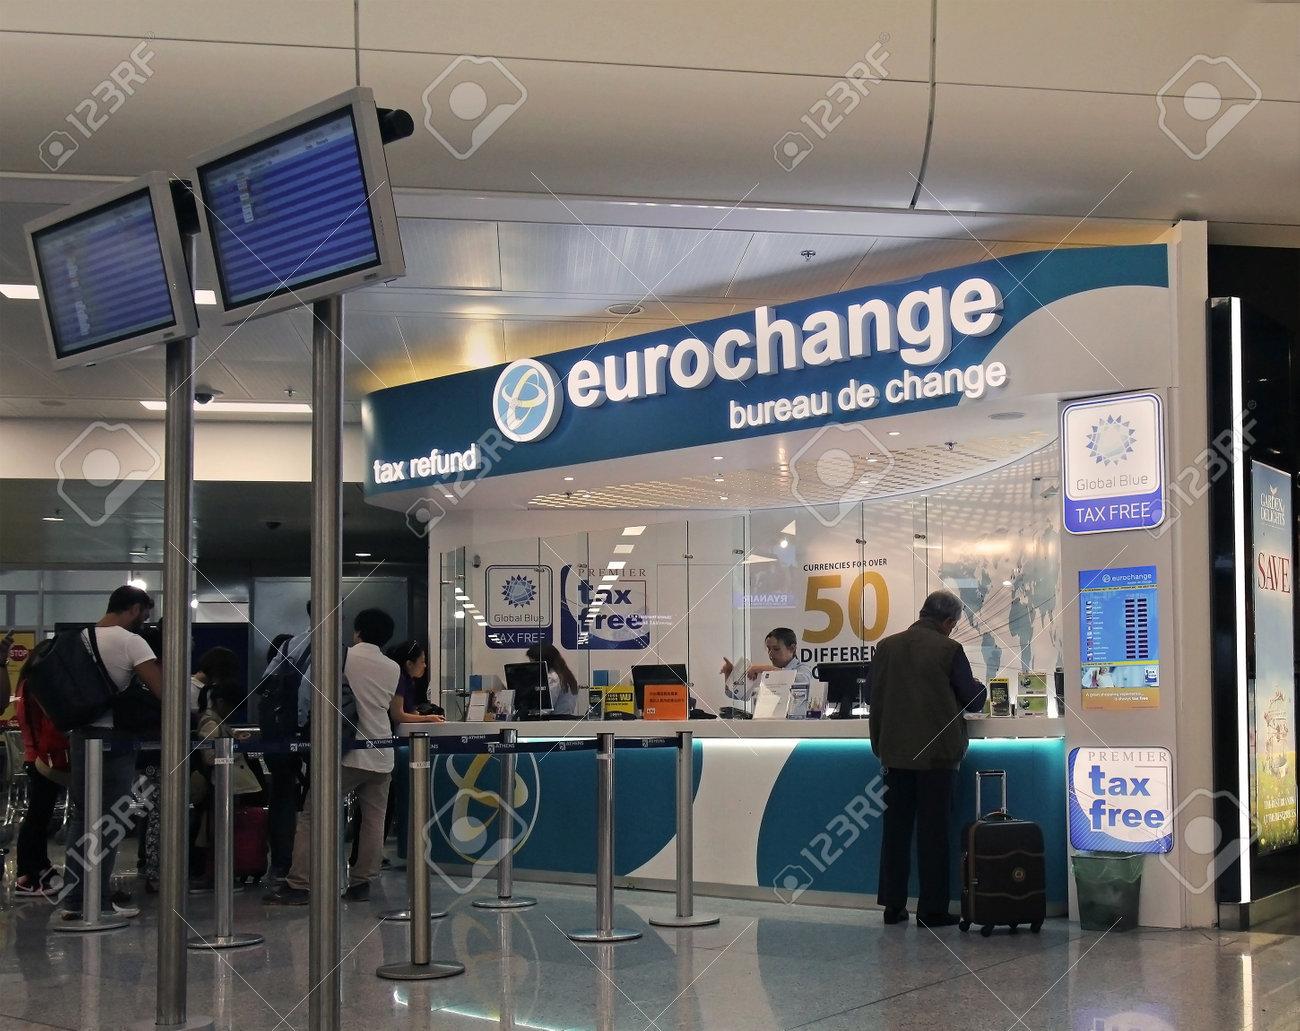 athenes grece mai 05 remboursement d impot et un bureau de change a l aeroport international d athenes eleftherios venizelos avec les gens attendent en